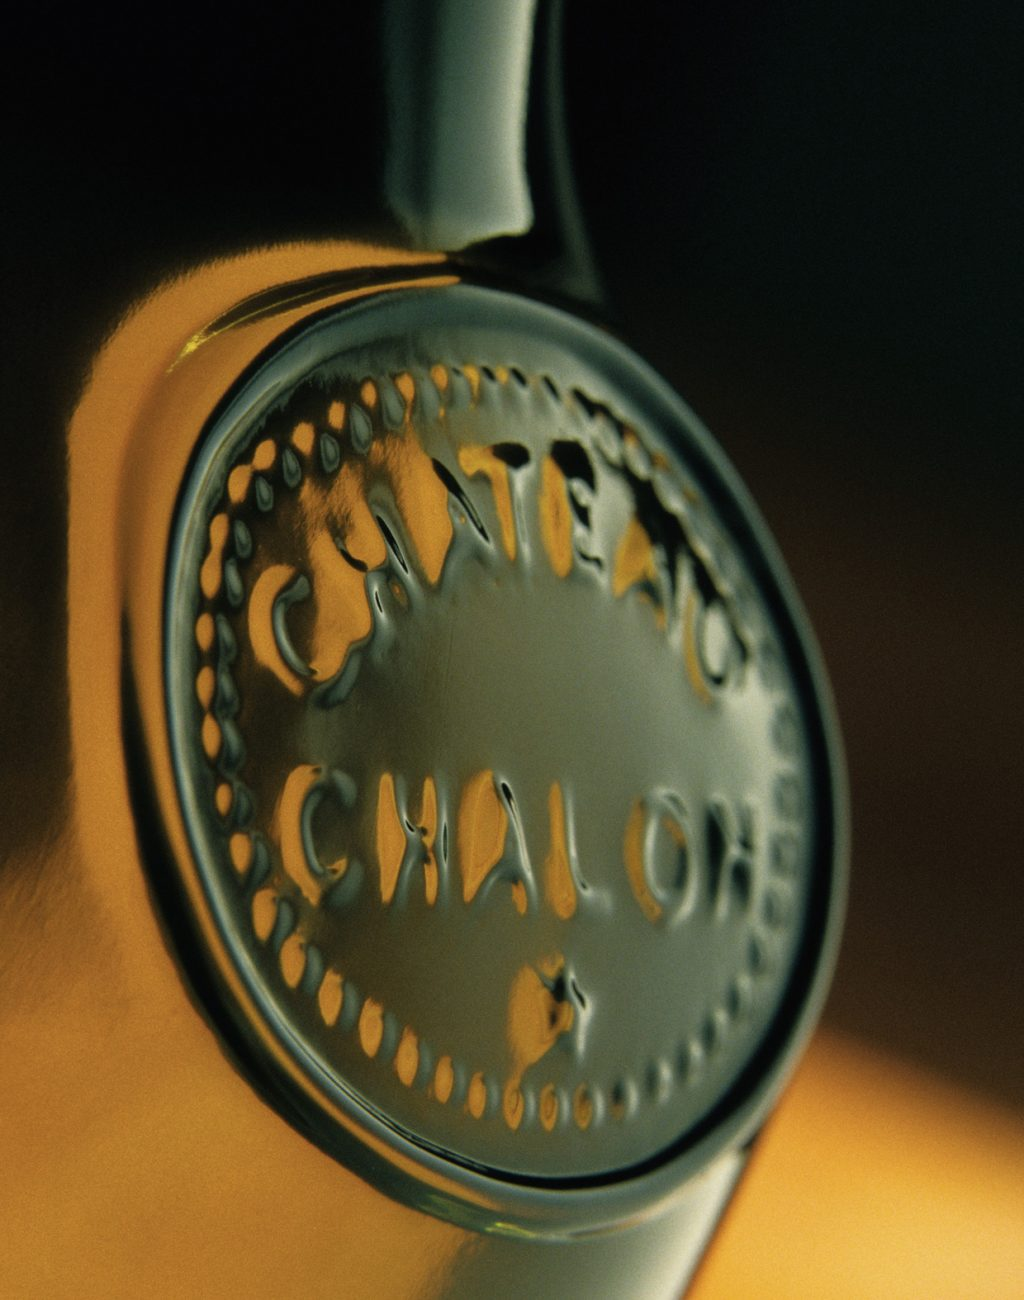 Bouteille de Vin Jaune / Château-Chalon © Stéphane Godin / Jura Tourisme